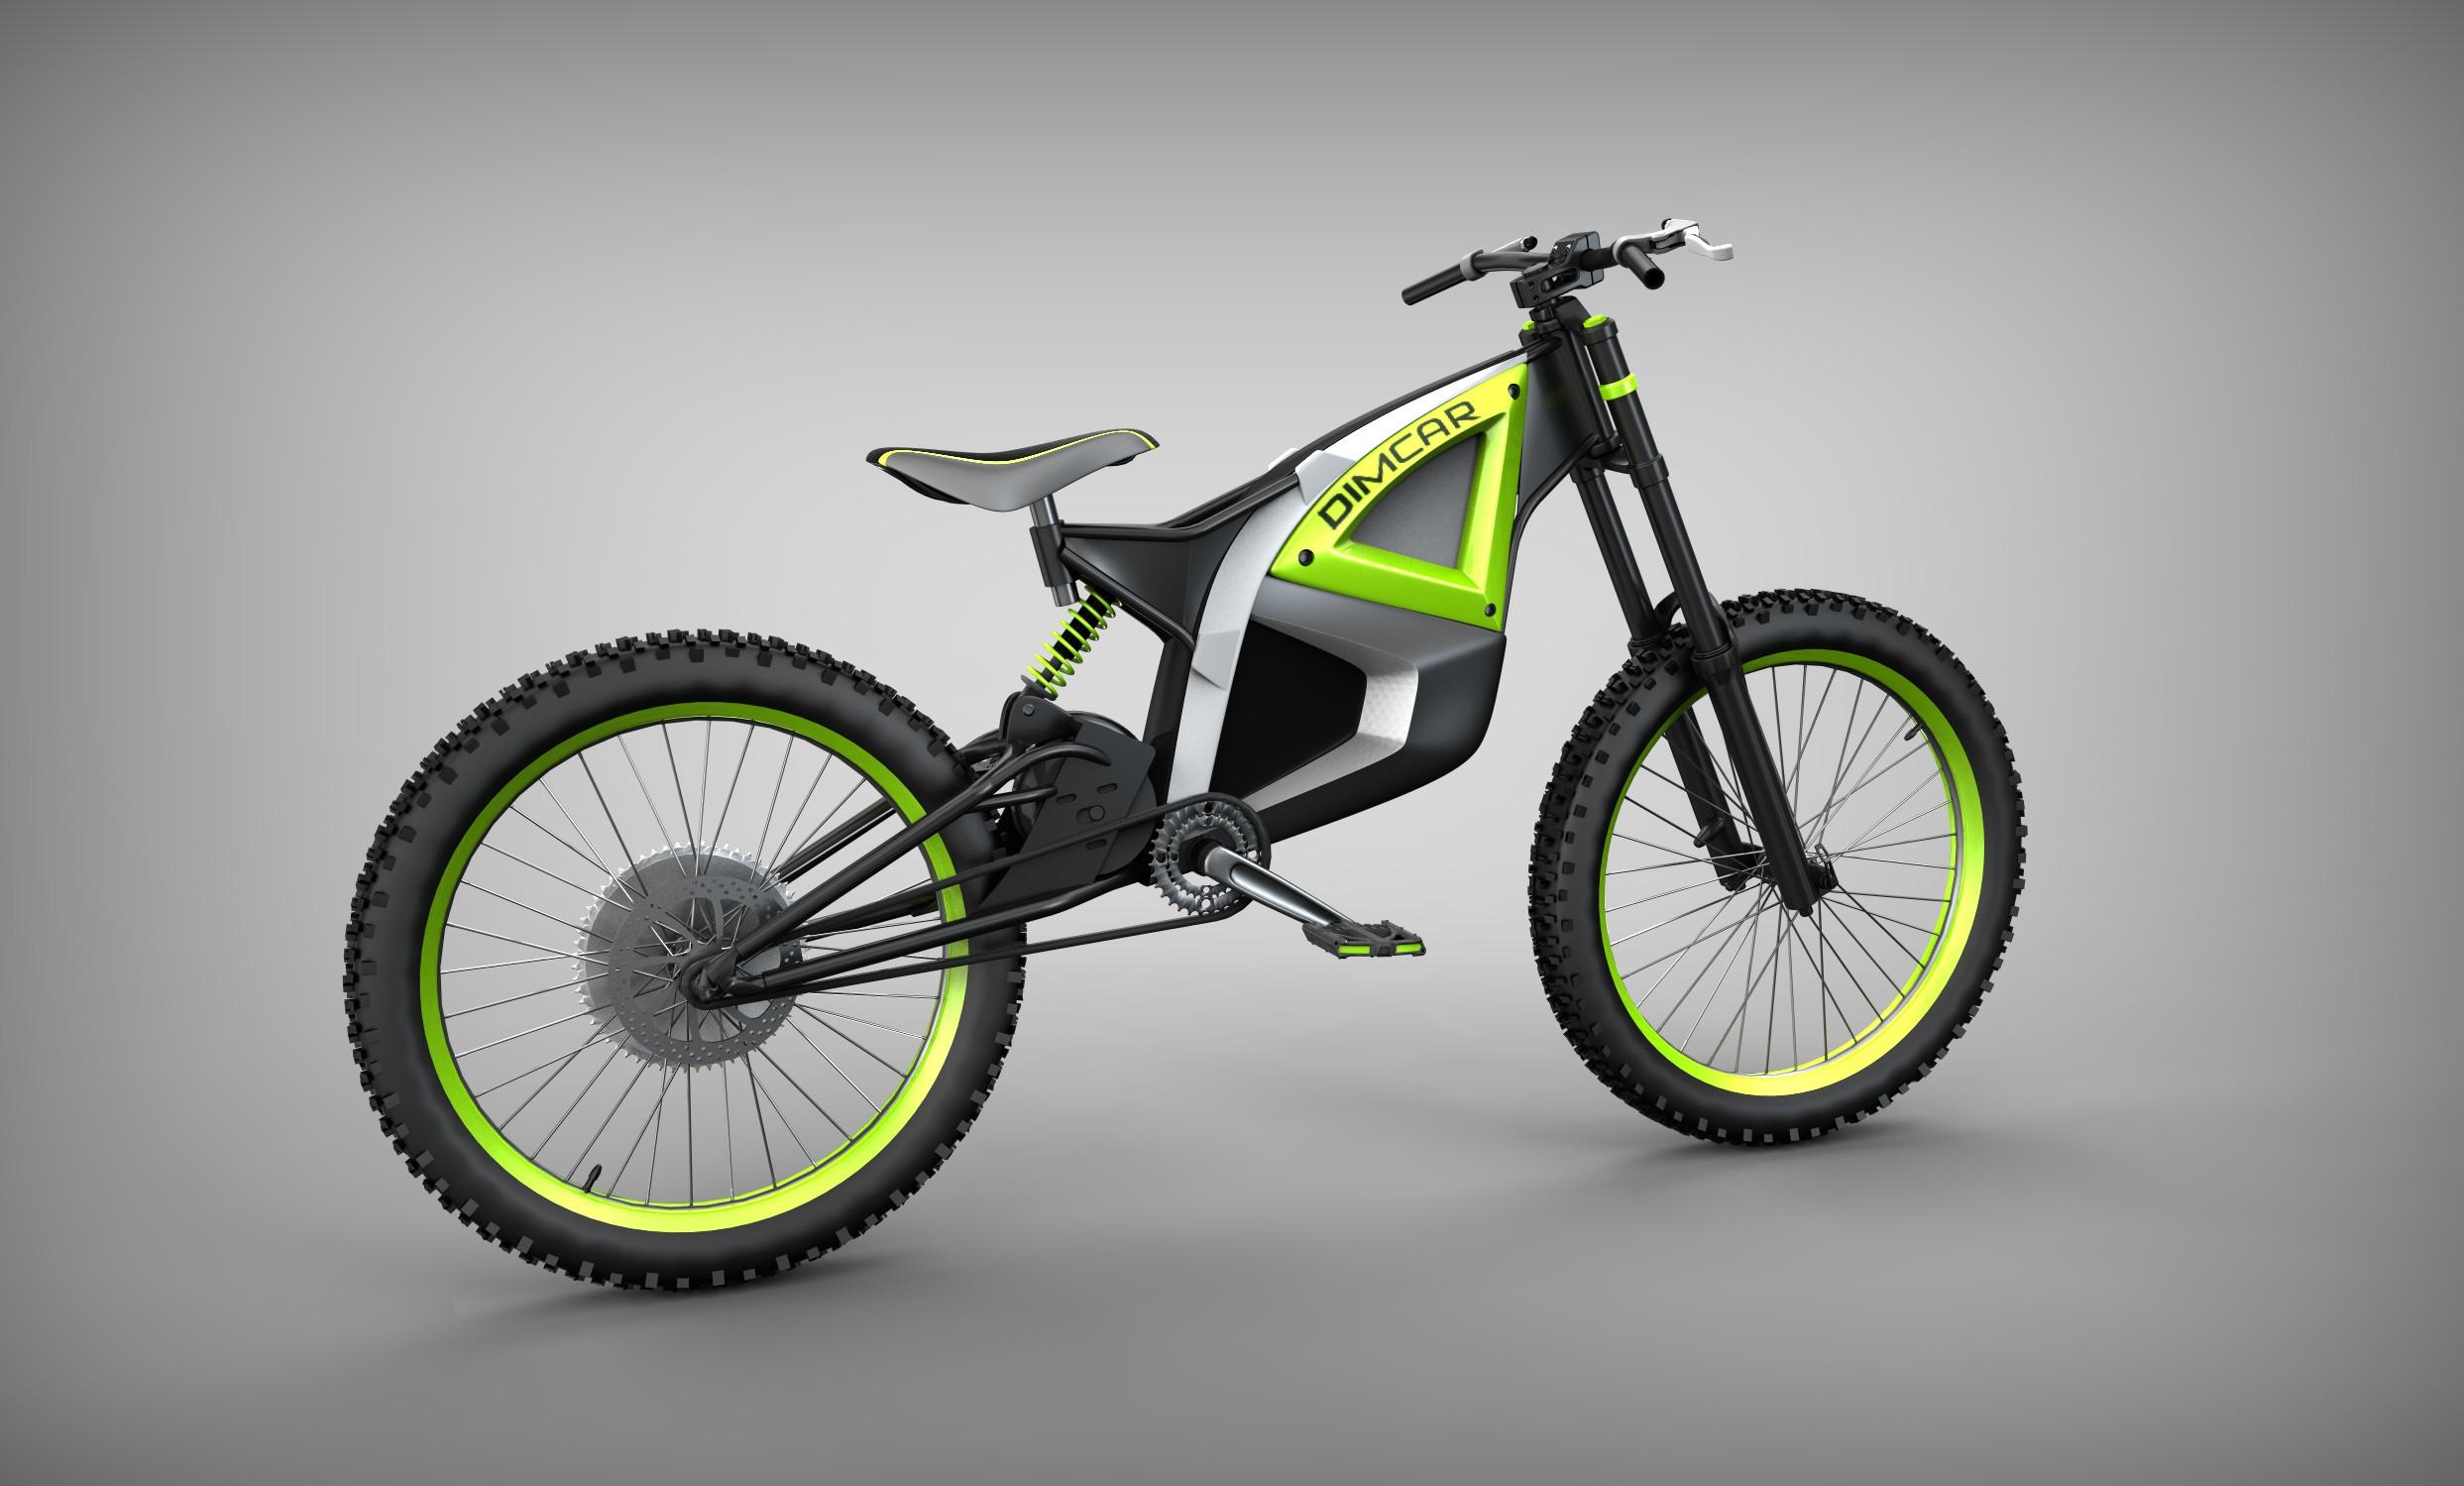 Проект мощного универсального электровелосипеда с центральным мотором, съемной батареей и управлением со смартфона - moto.948.jpg